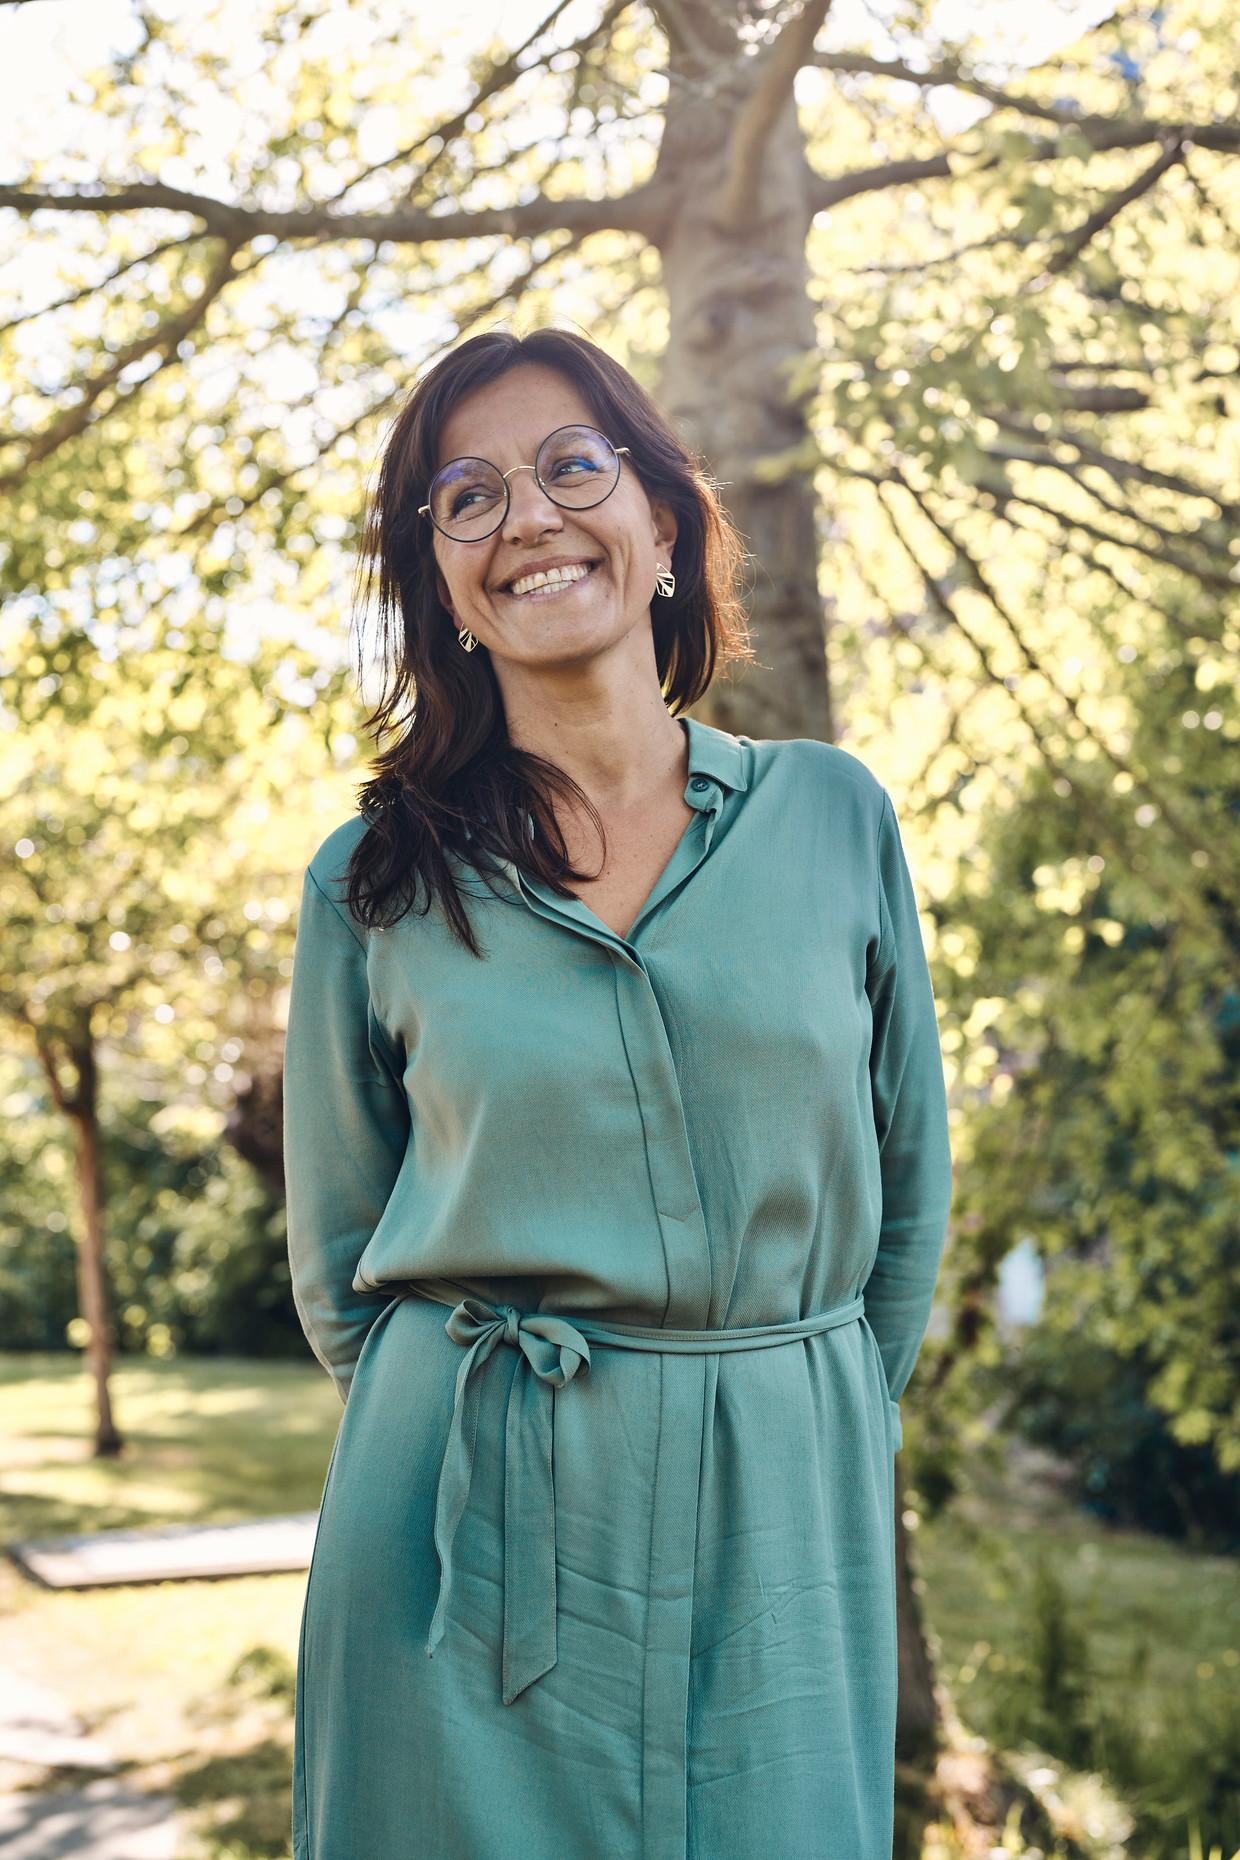 Stephanie De Maesschalck: 'Ik zag veel kinderen met buikpijn of kinderen die verdikt zijn. Door slechte voeding, maar vooral door een gebrek aan beweging. Die coronakilo's zijn echt een issue.' Beeld Thomas Nolf